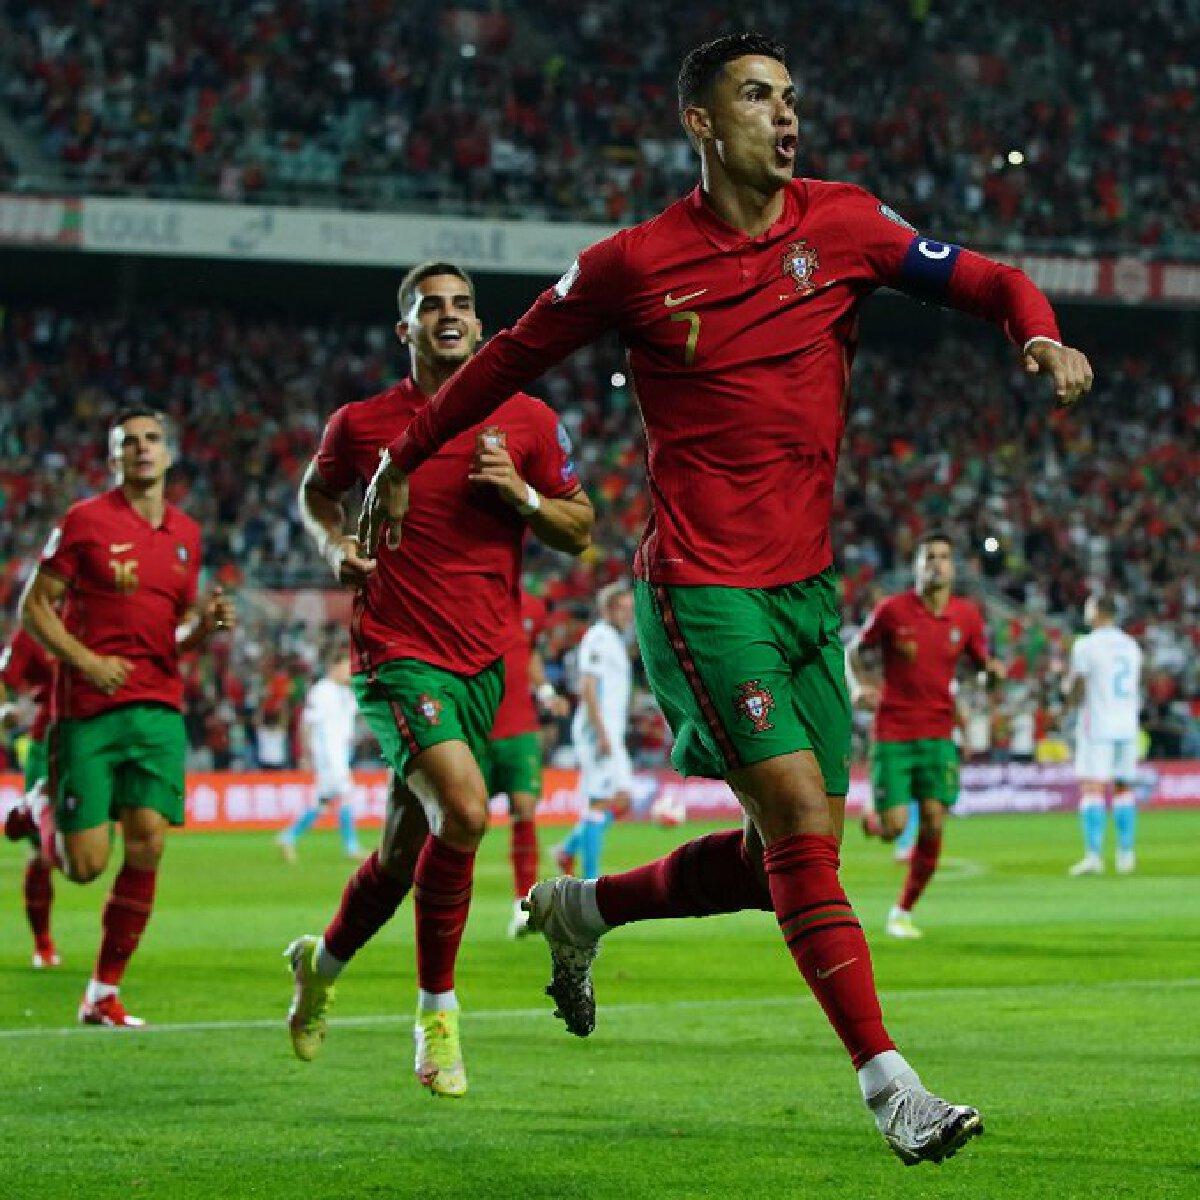 """โรนัลโด เพิมสถิติใหม่ทีมชาติ """"โปรตุเกส"""" ในศึก ฟุตบอลโลกรอบคัดเลือก"""